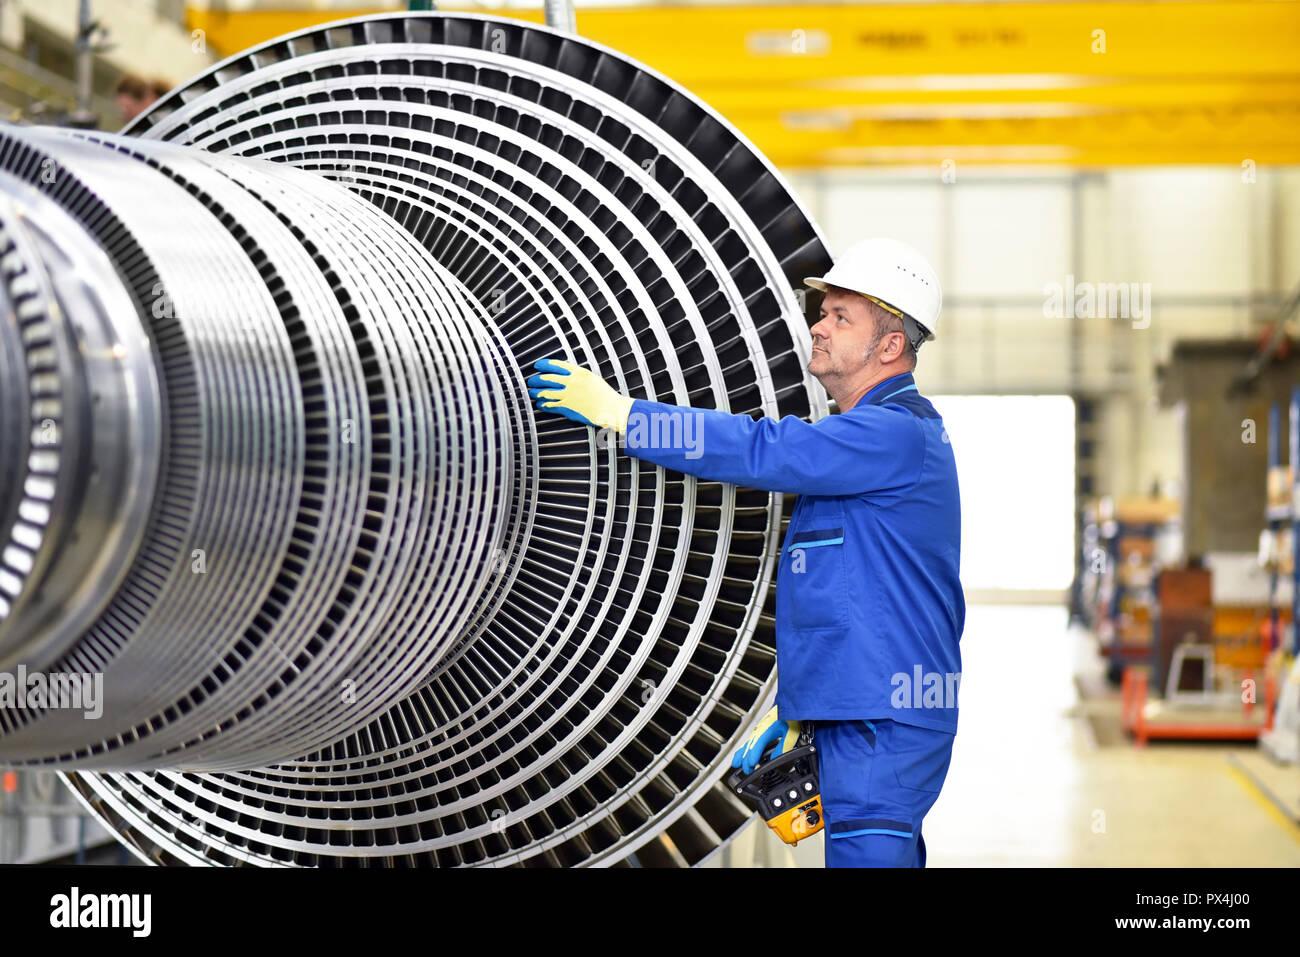 Los trabajadores de fabricación de turbinas de vapor en una fábrica industrial Imagen De Stock